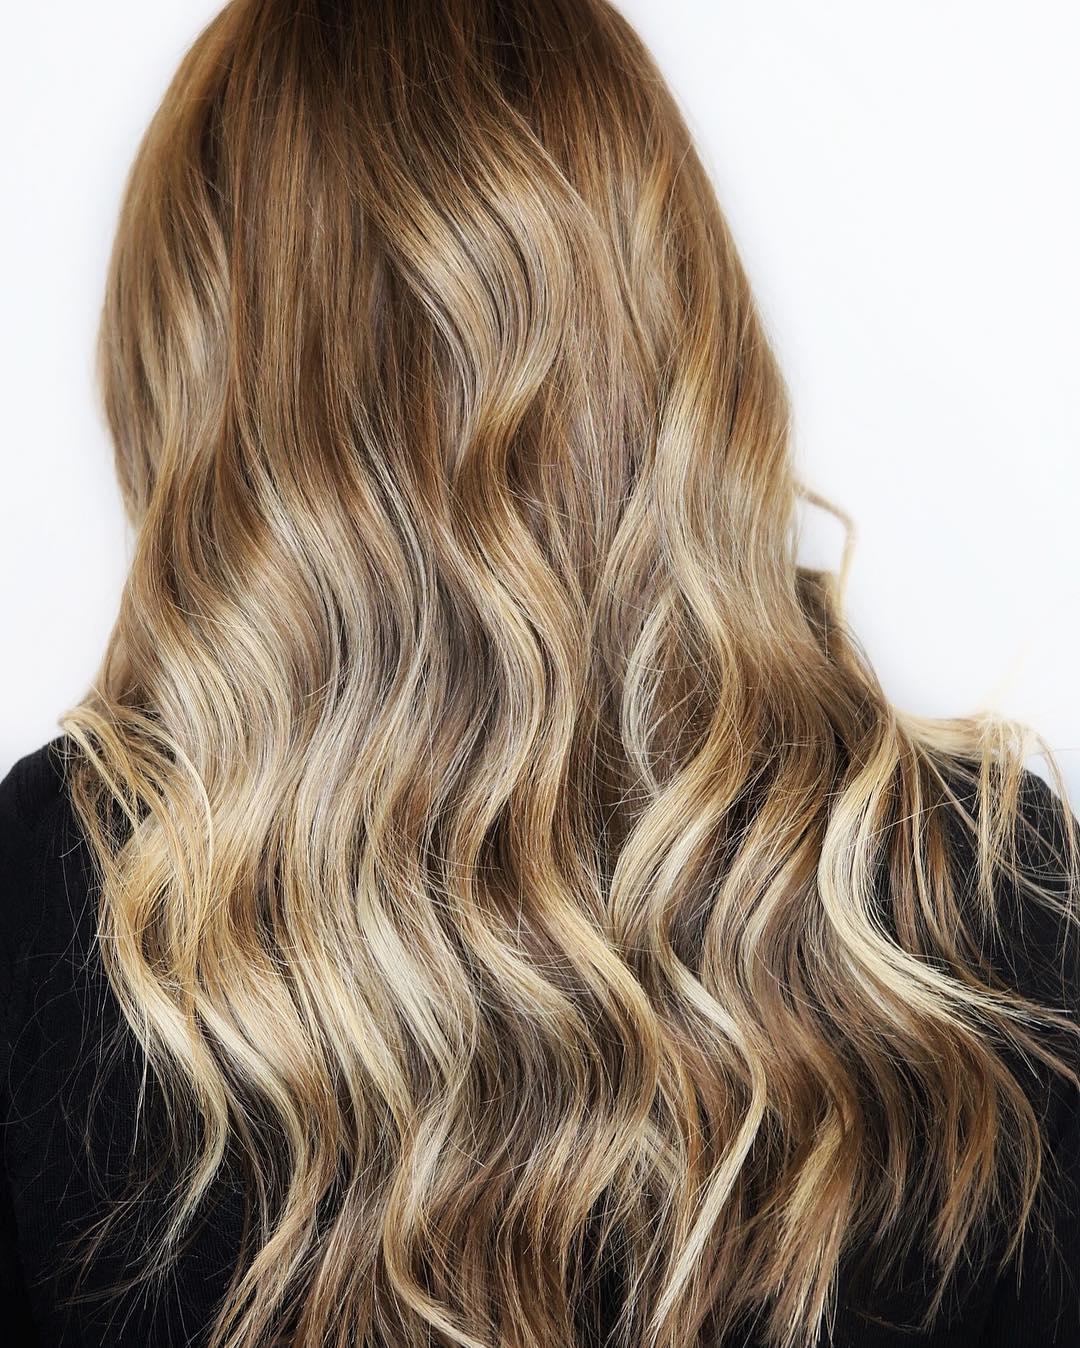 Hair We Love November 12th - 18th 2018